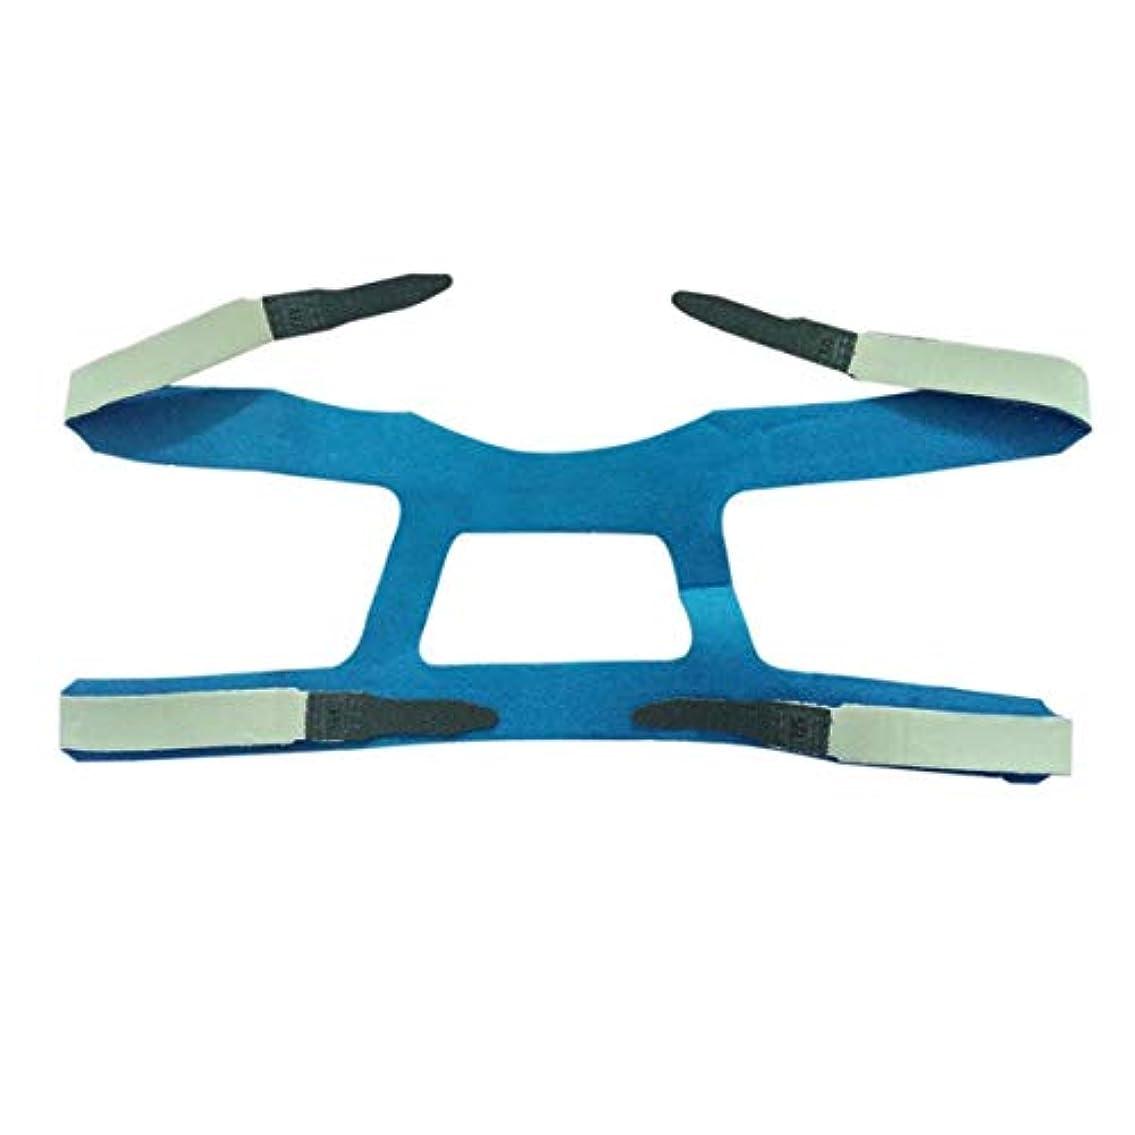 ブロッサム昼寝よりユニバーサルデザインのヘッドギアコンフォートゲルフルマスク安全な環境交換CPAPヘッドバンドなしPHILPS